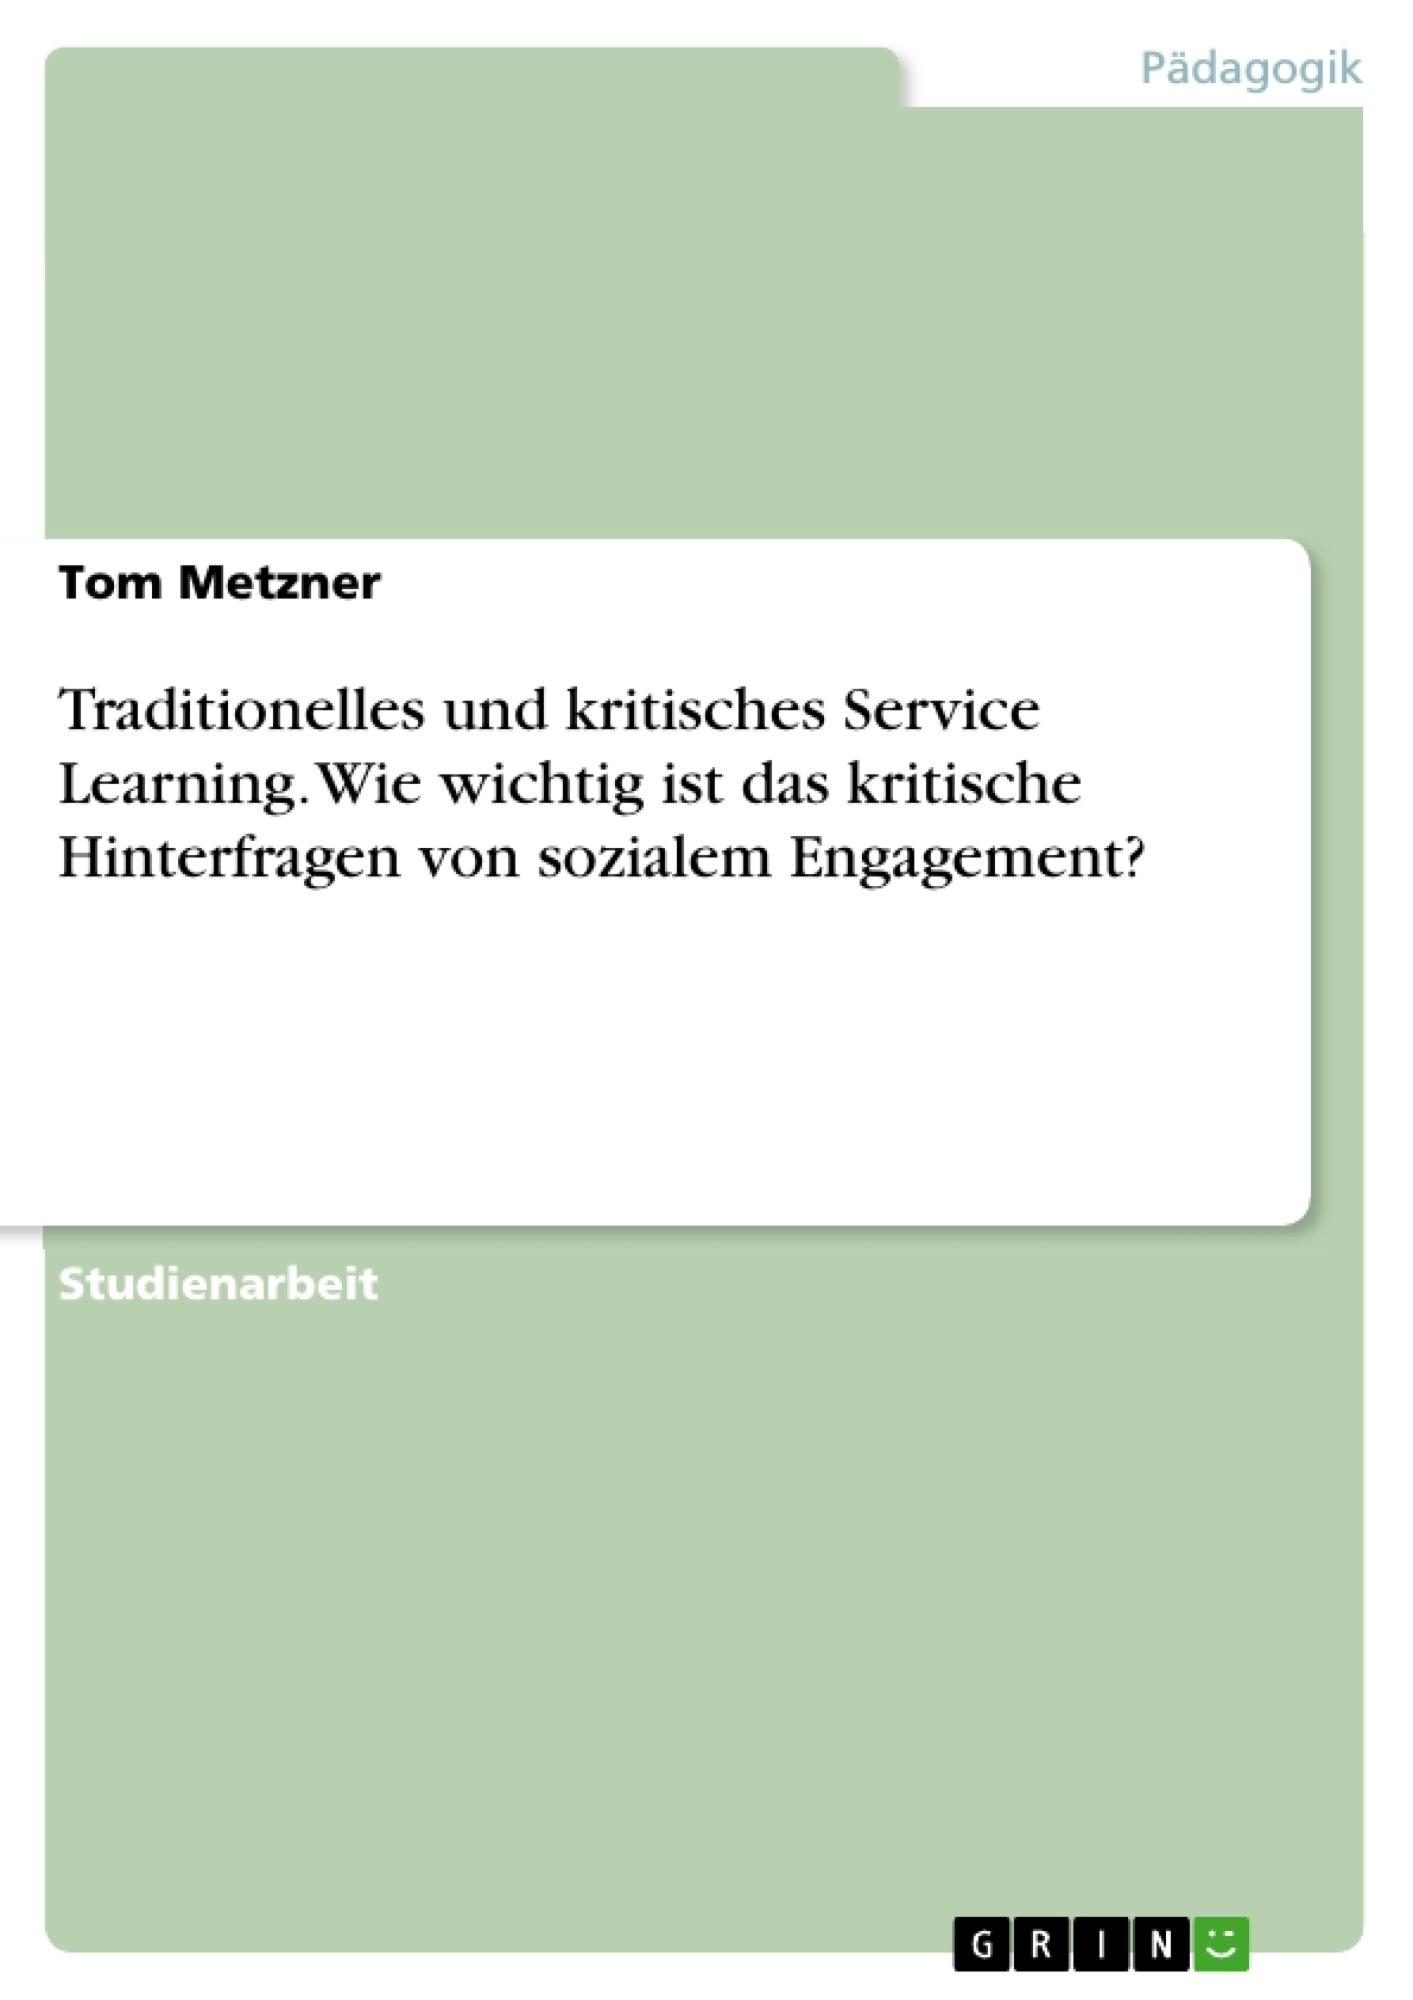 Titel: Traditionelles und kritisches Service Learning. Wie wichtig ist das kritische Hinterfragen von sozialem Engagement?